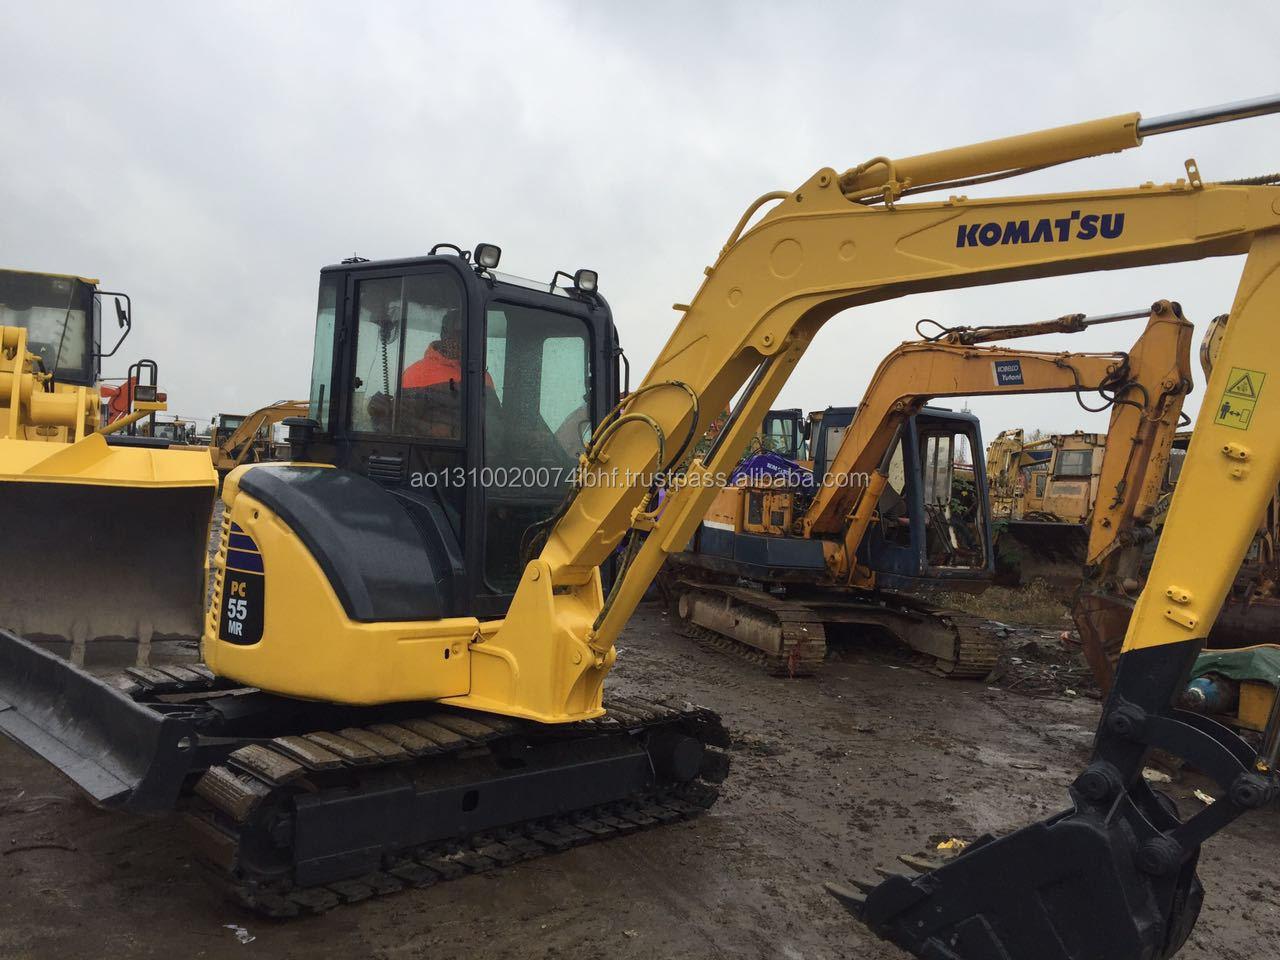 Usato Giapponese Mini Escavatore Komatsu PC55MR Digger Con Cingoli In Gomma/Komatsu PC35 PC40 PC55 PC60-7 PC50